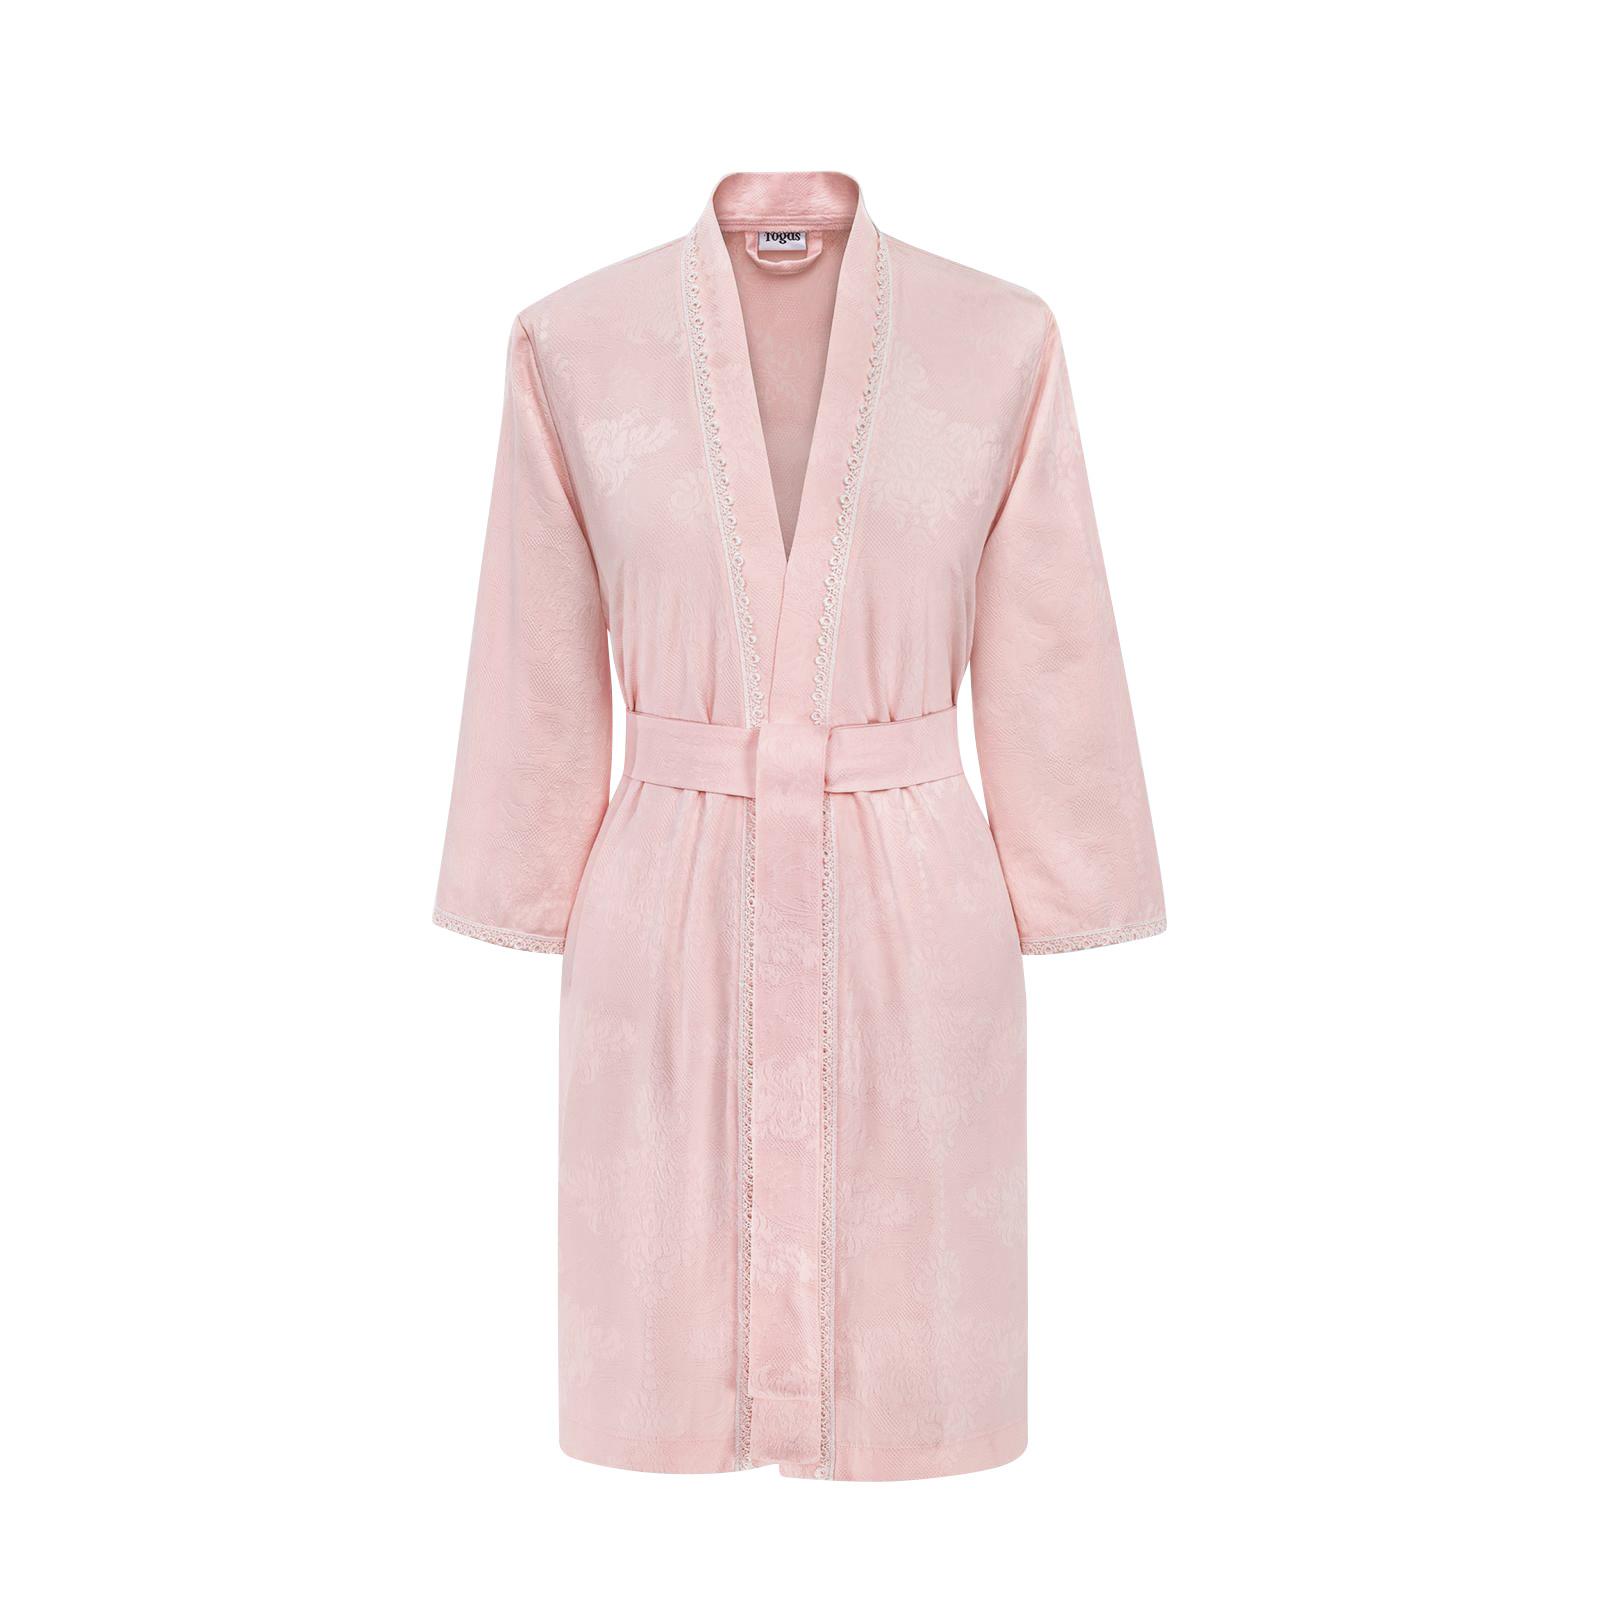 Фото - Халат Togas Дорис светло-розовый м /46/ коврик для ванной togas дорис розовое 60x90